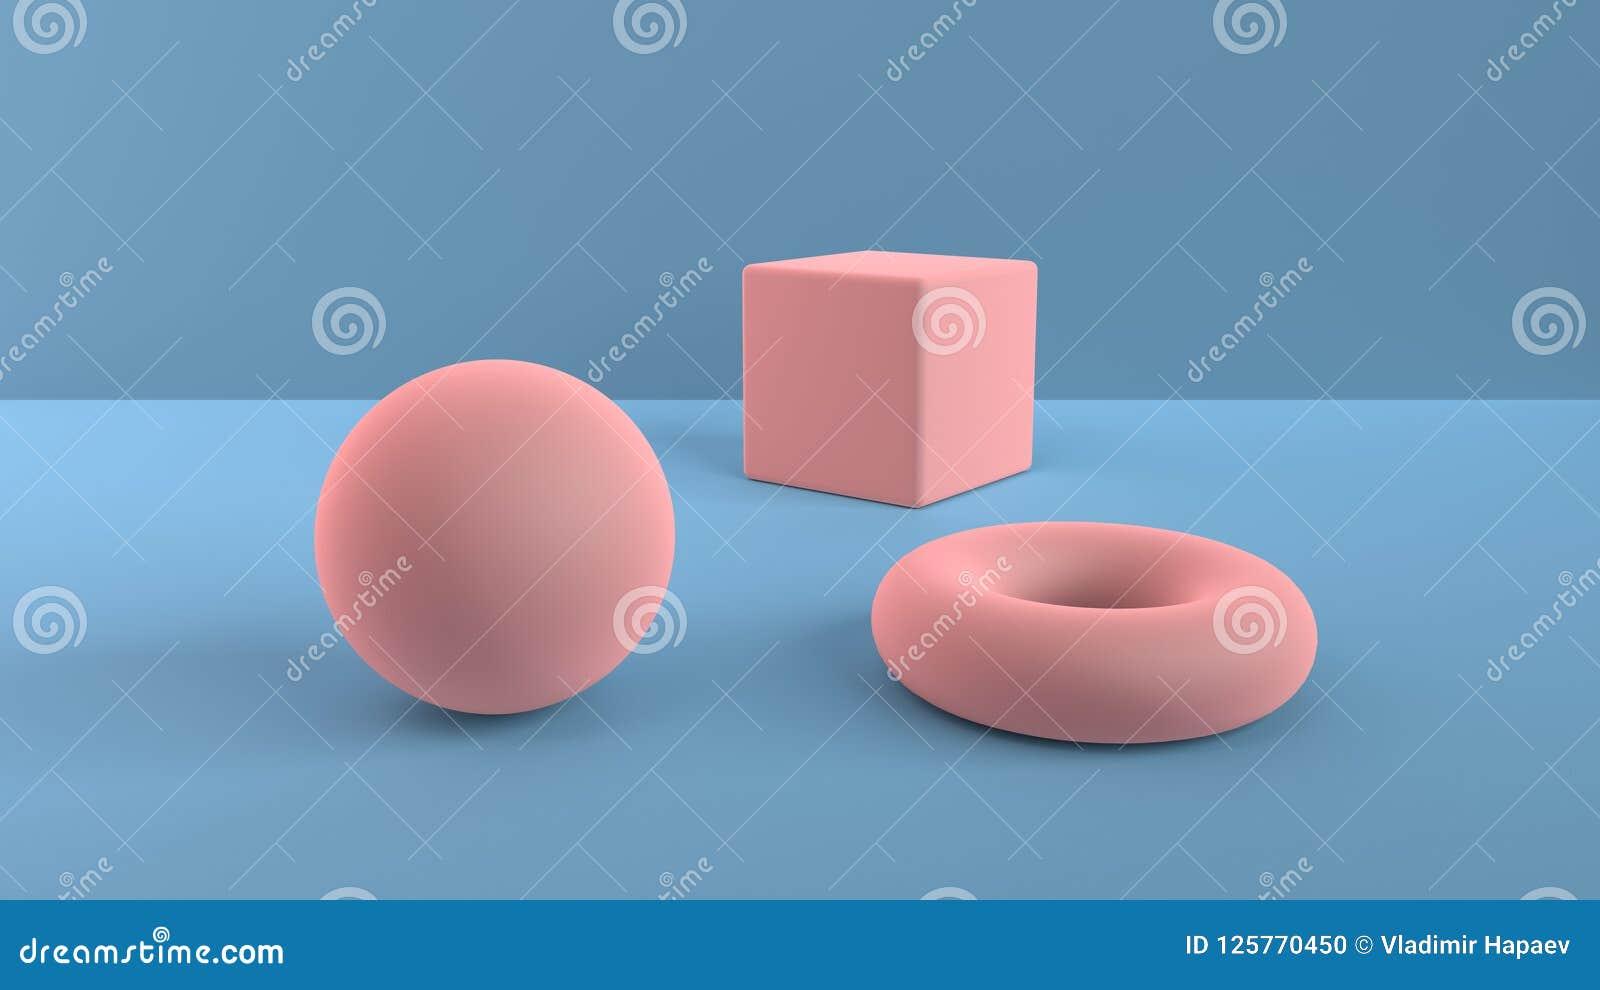 Escena abstracta de formas geométricas Bola, cubo y toro rosas claros Luz ambiente suave en una escena 3D con un fondo del azul 3